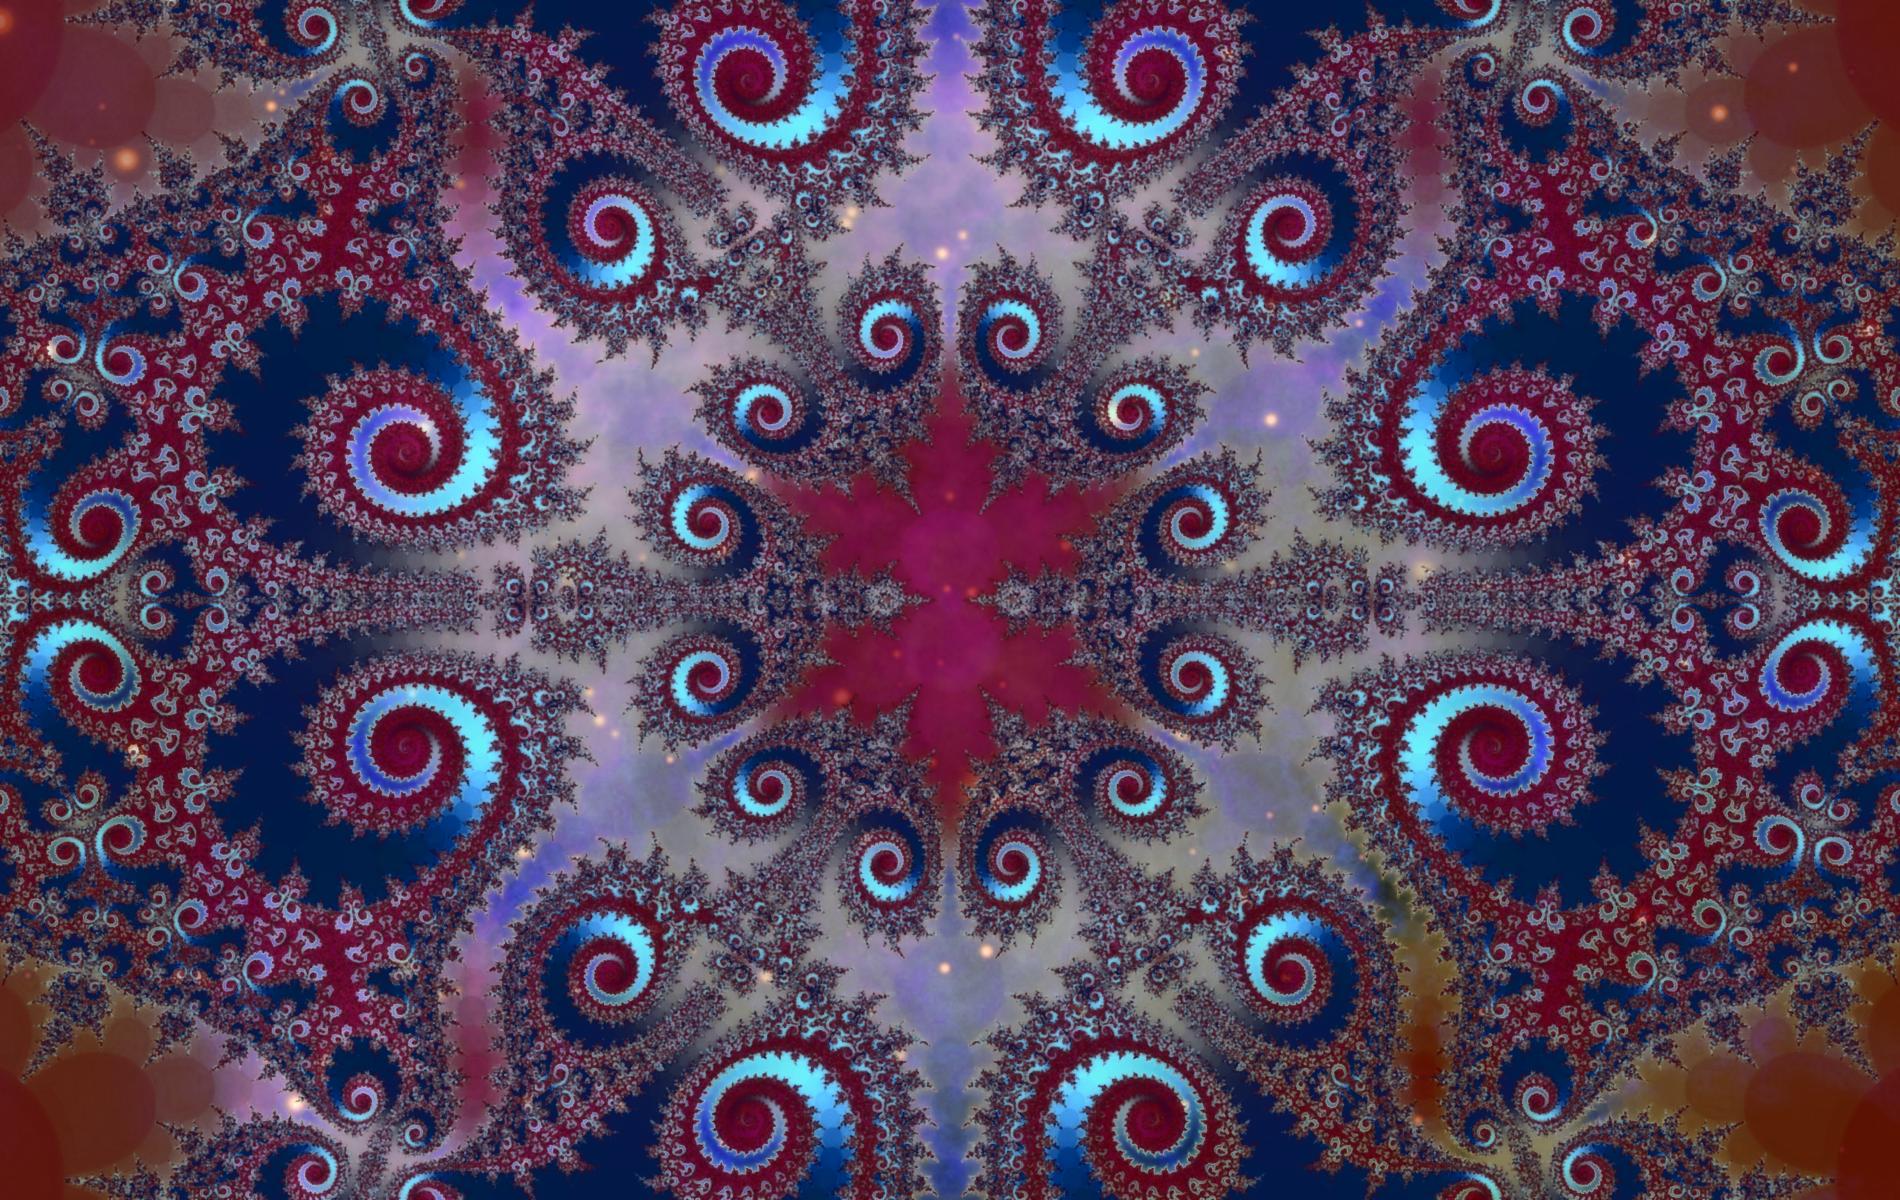 Space Fractal 48 By Saintabyssal